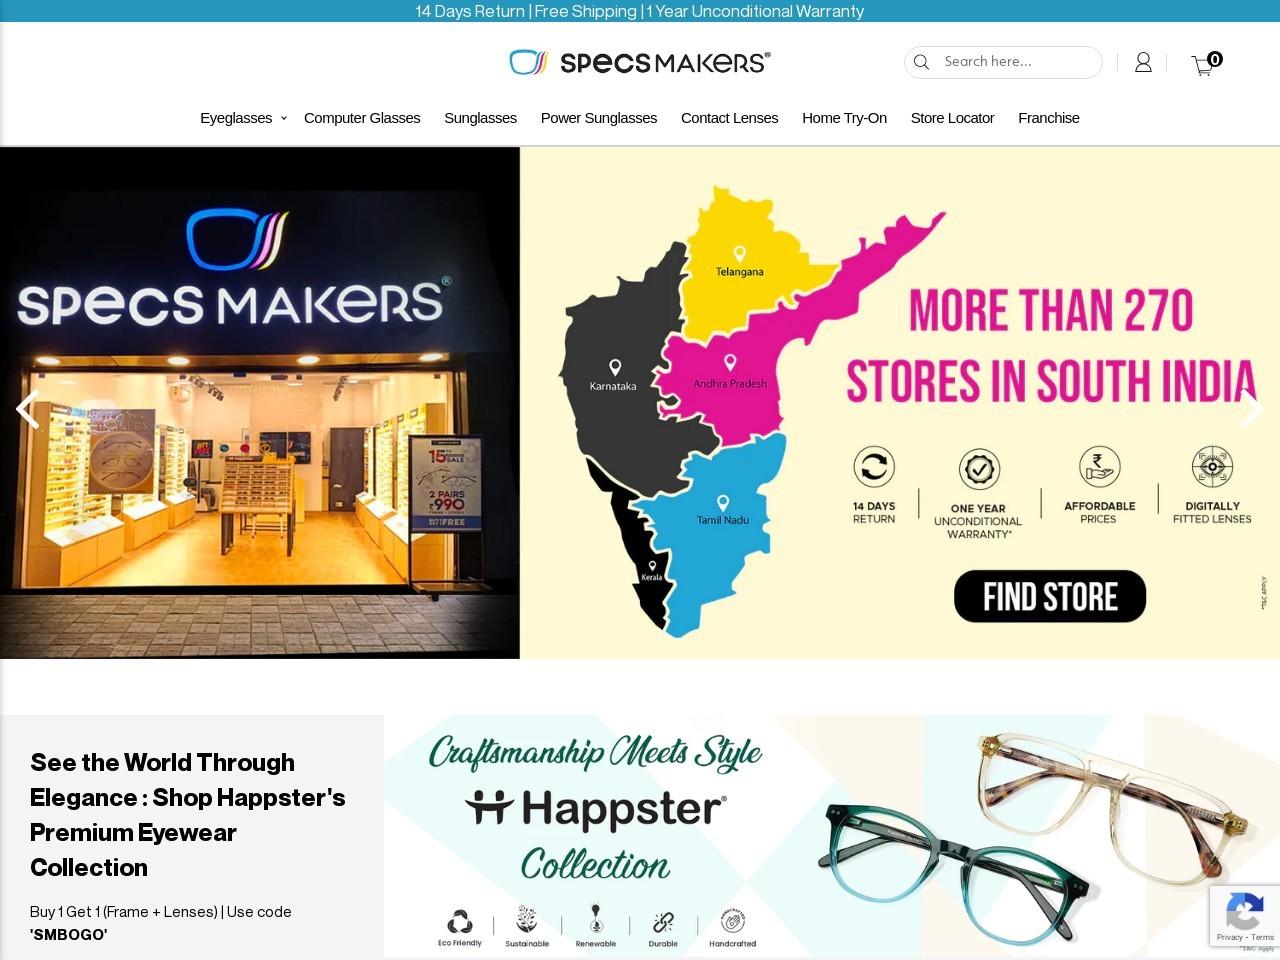 Eyeglass Frames | Specsmakers – Buy Eyeglasses At Best Price Online